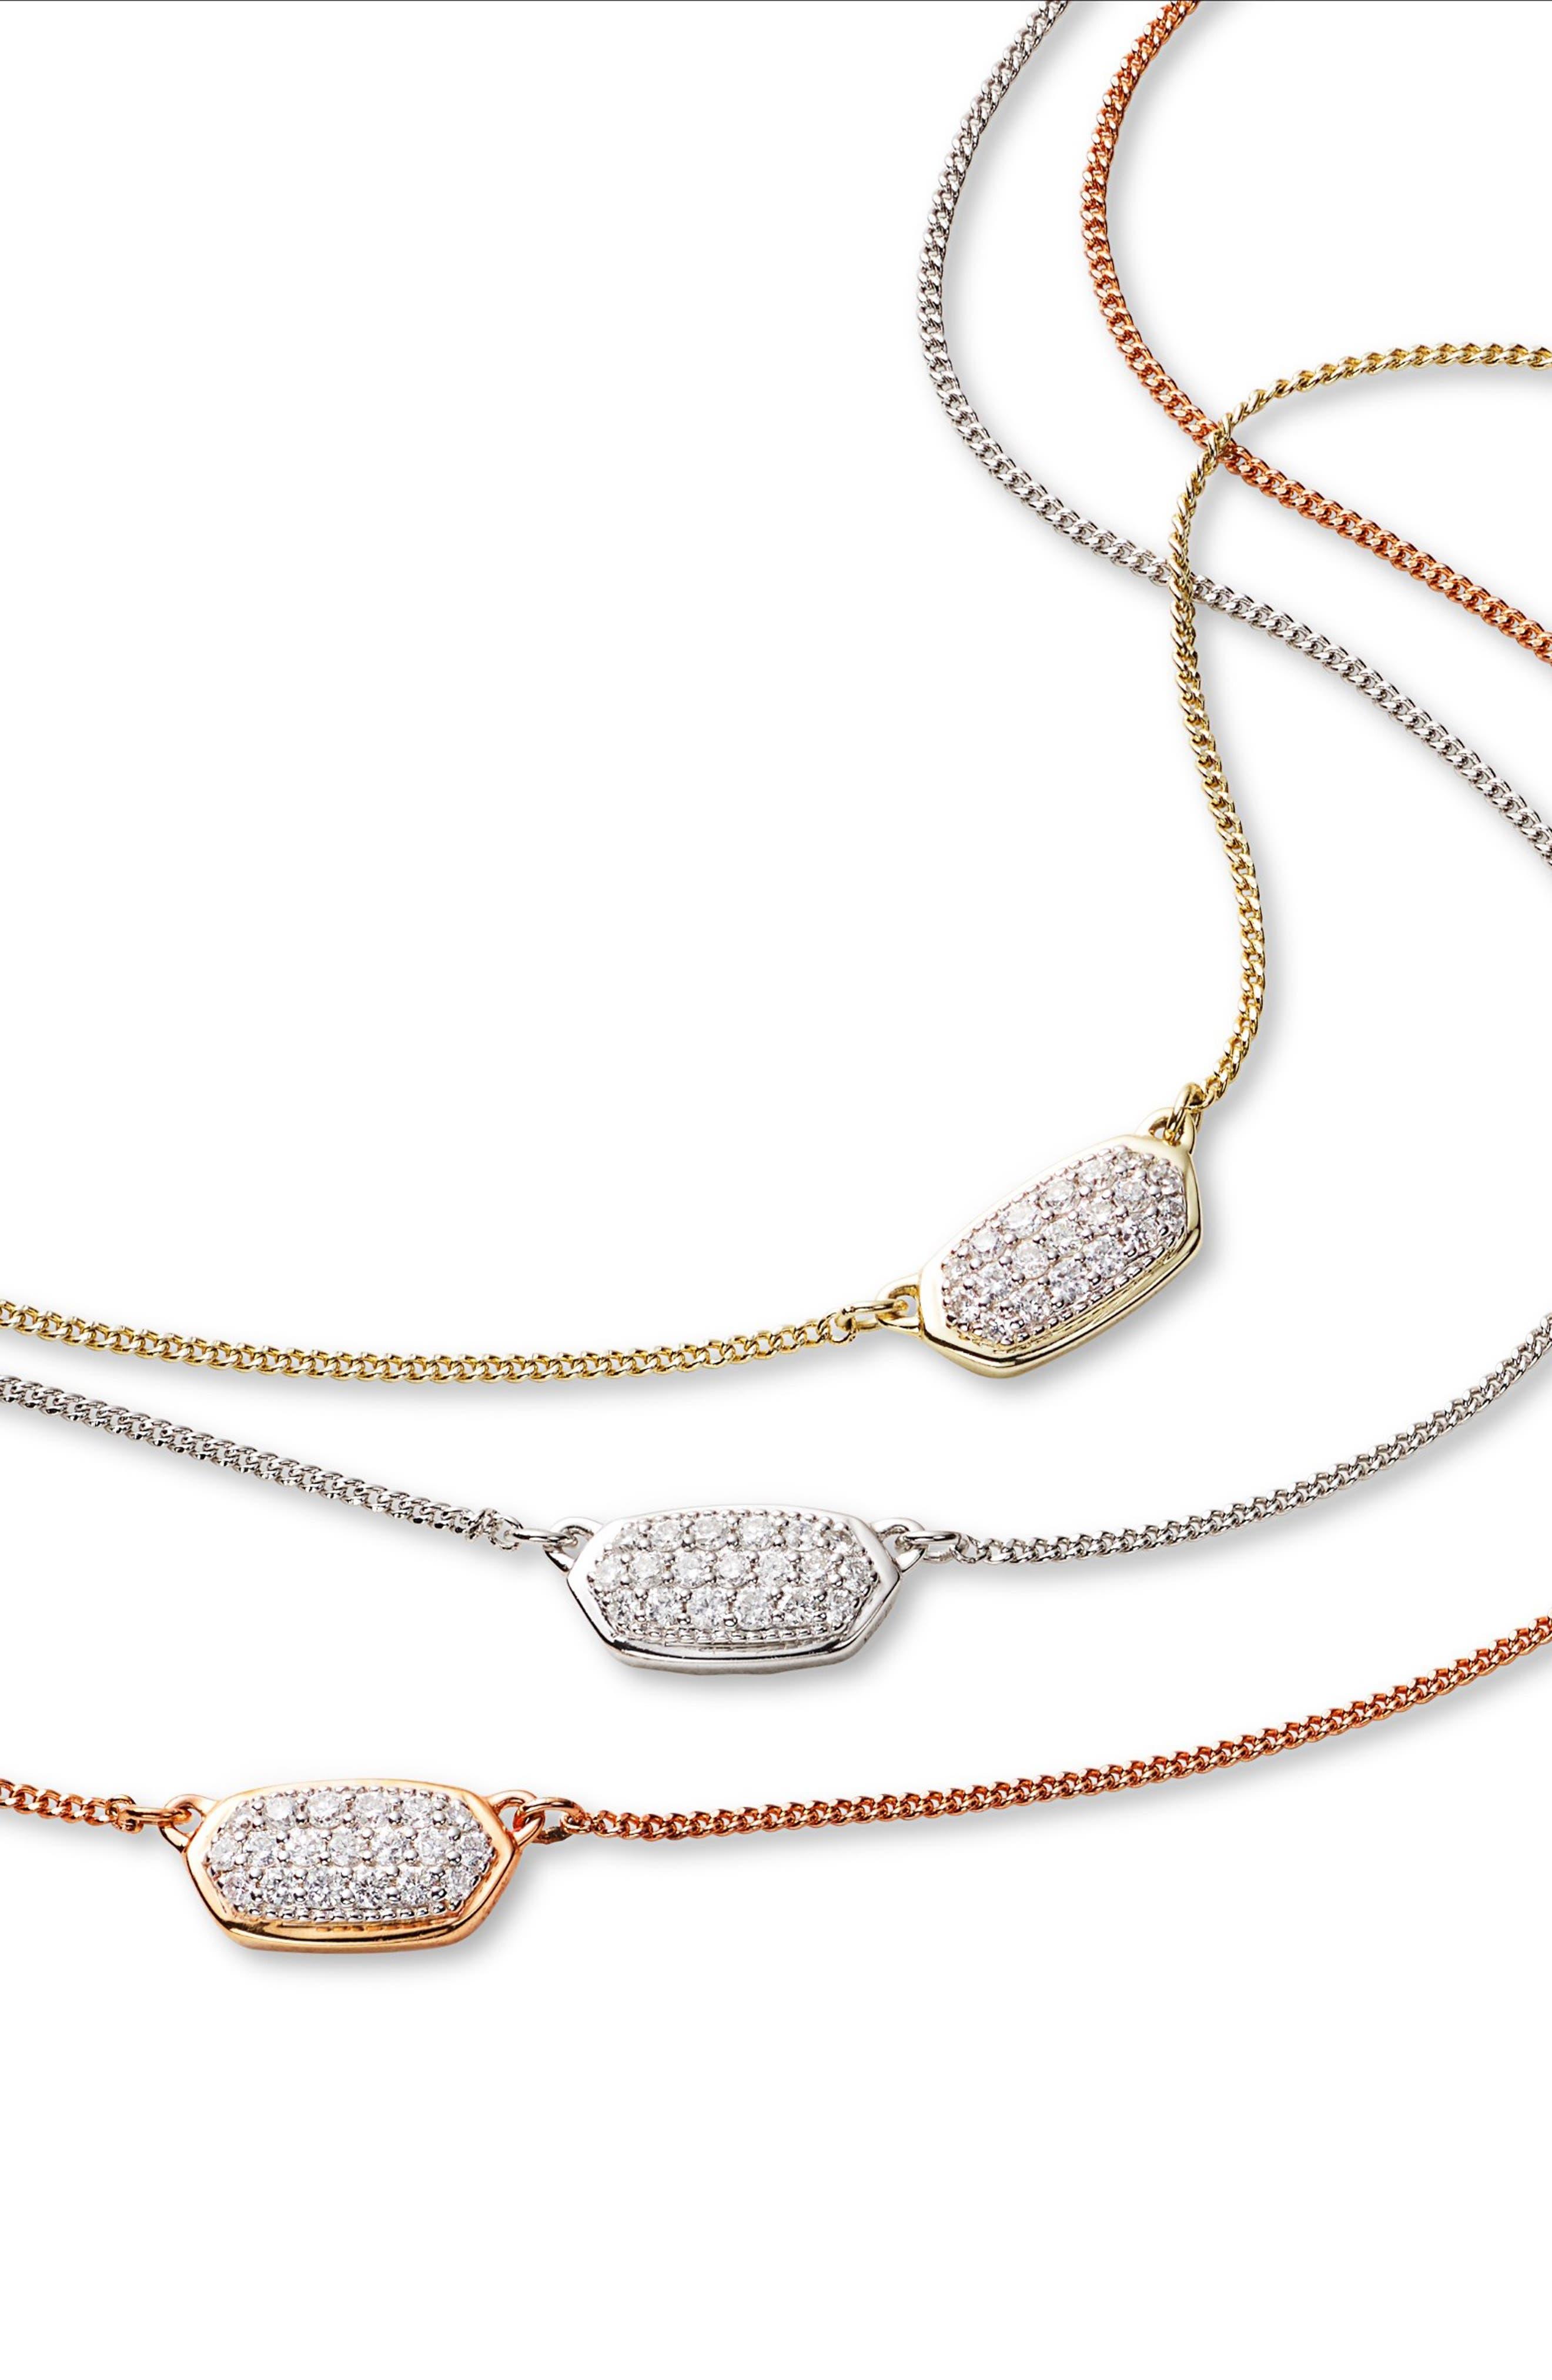 KENDRA SCOTT,                             Lisa Diamond & Gold Pendant Necklace,                             Alternate thumbnail 3, color,                             14K GOLD WHITE DIAMOND